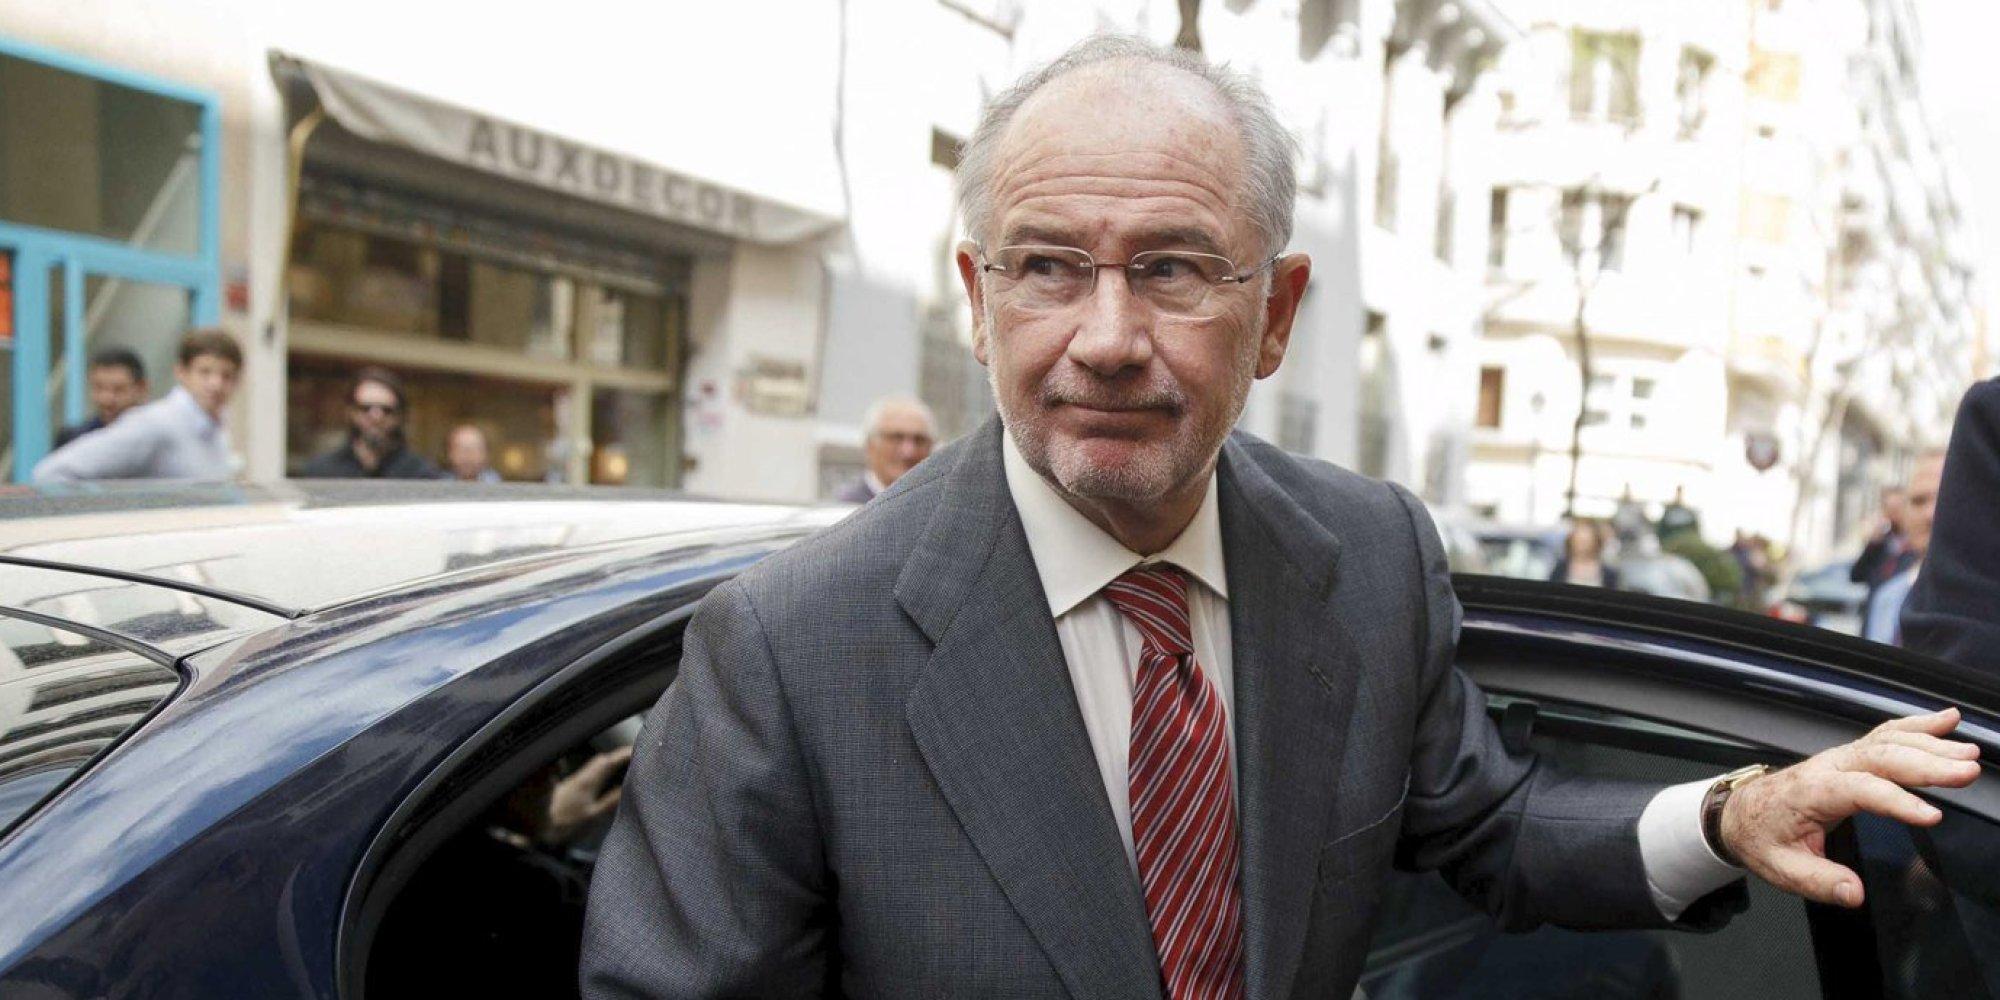 Экс-главу МВФ посадили на 4,5 года за финансовое мошенничество